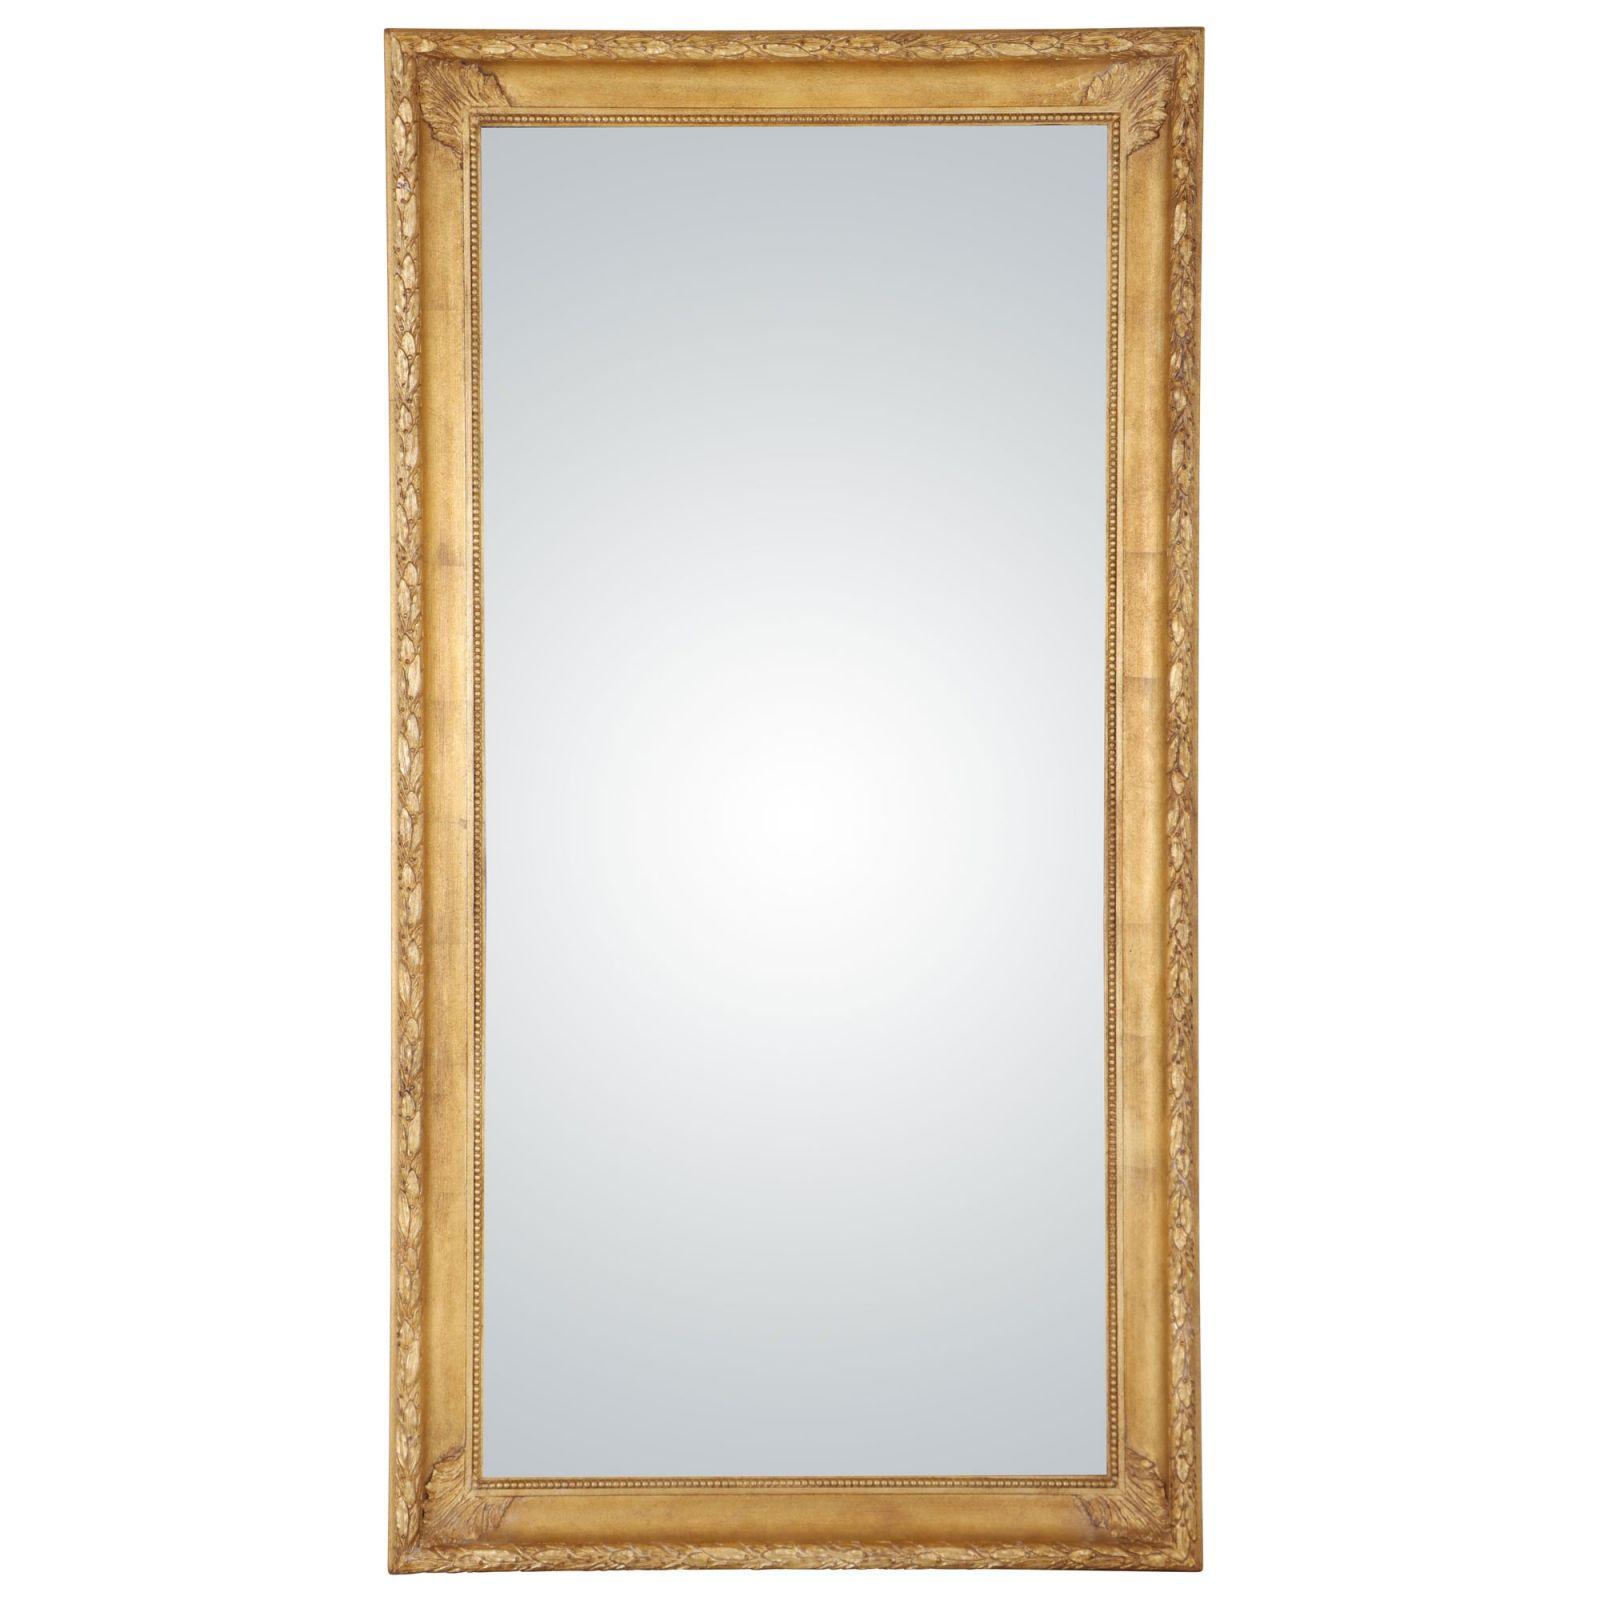 Victorian hand-made mirror